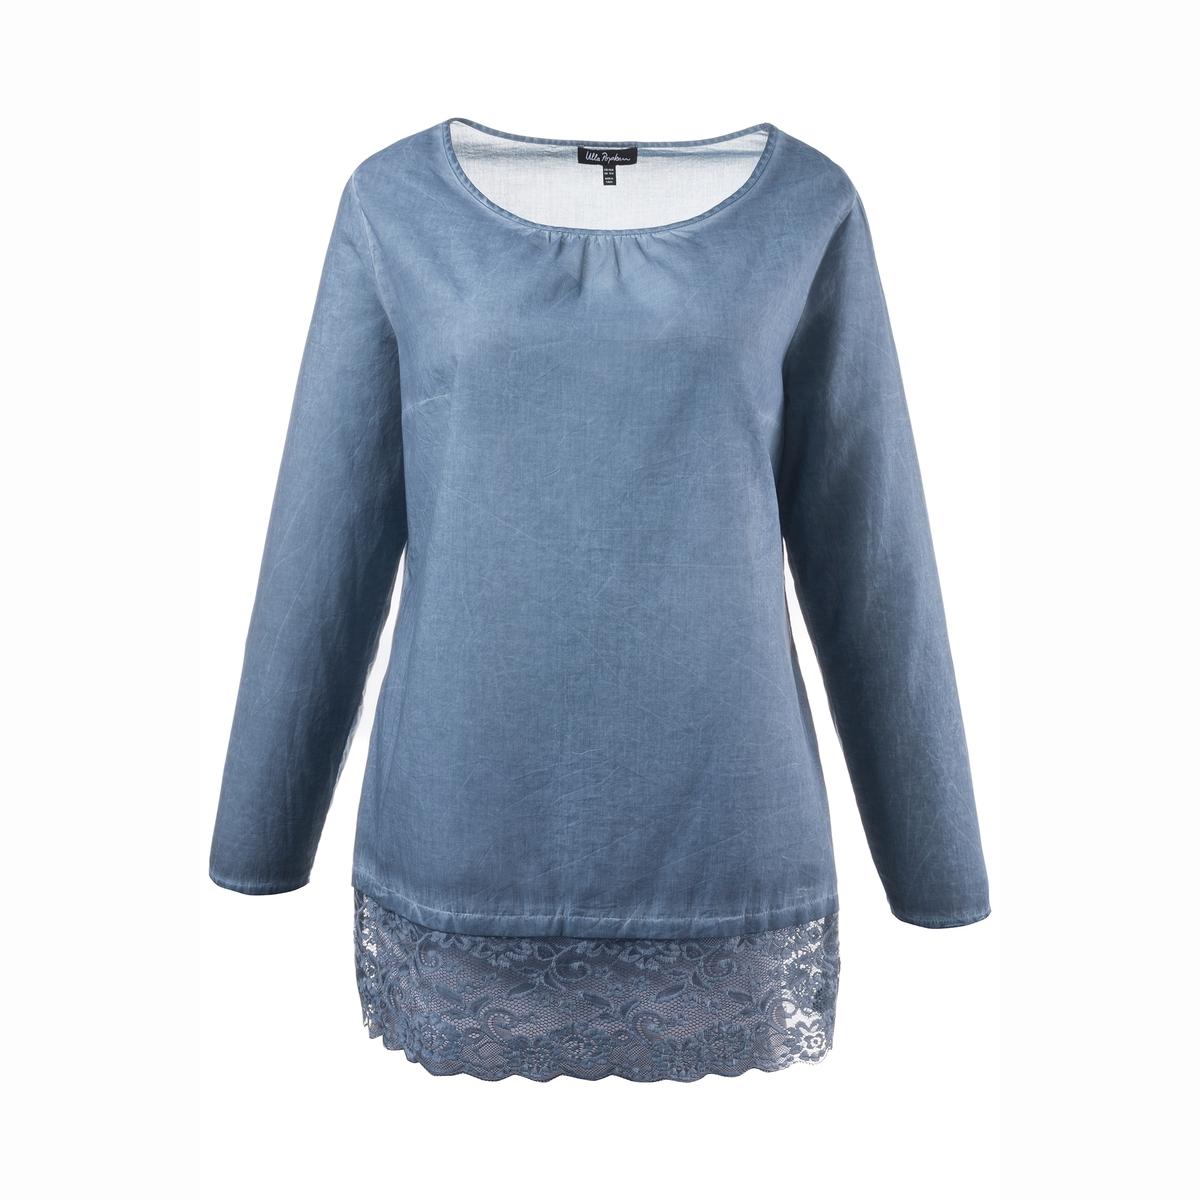 Блузка, 100% хлопкаДлина зависит от размера: от 76 до 81 см.<br><br>Цвет: синий<br>Размер: 48/50 (FR) - 54/56 (RUS)